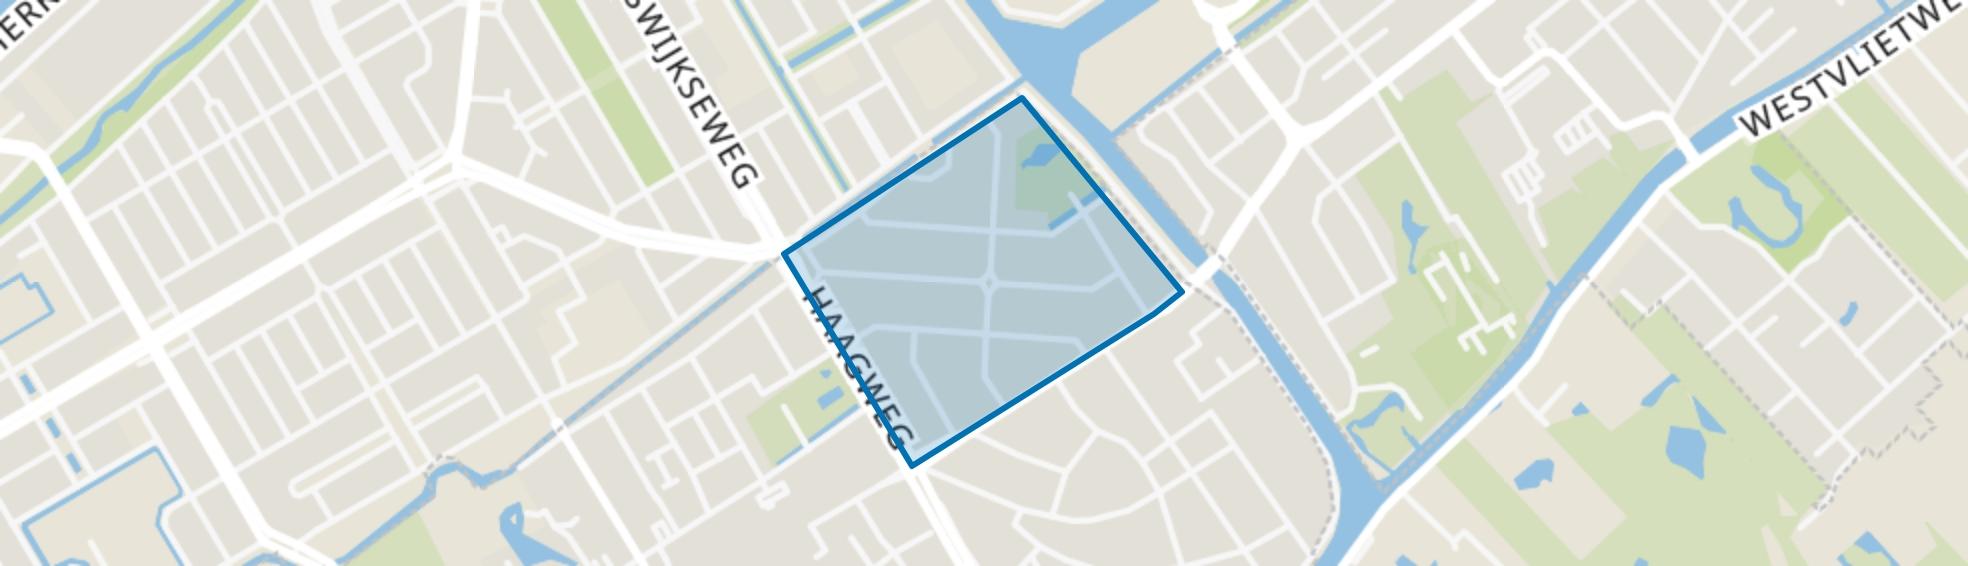 Cromvliet, Rijswijk (ZH) map